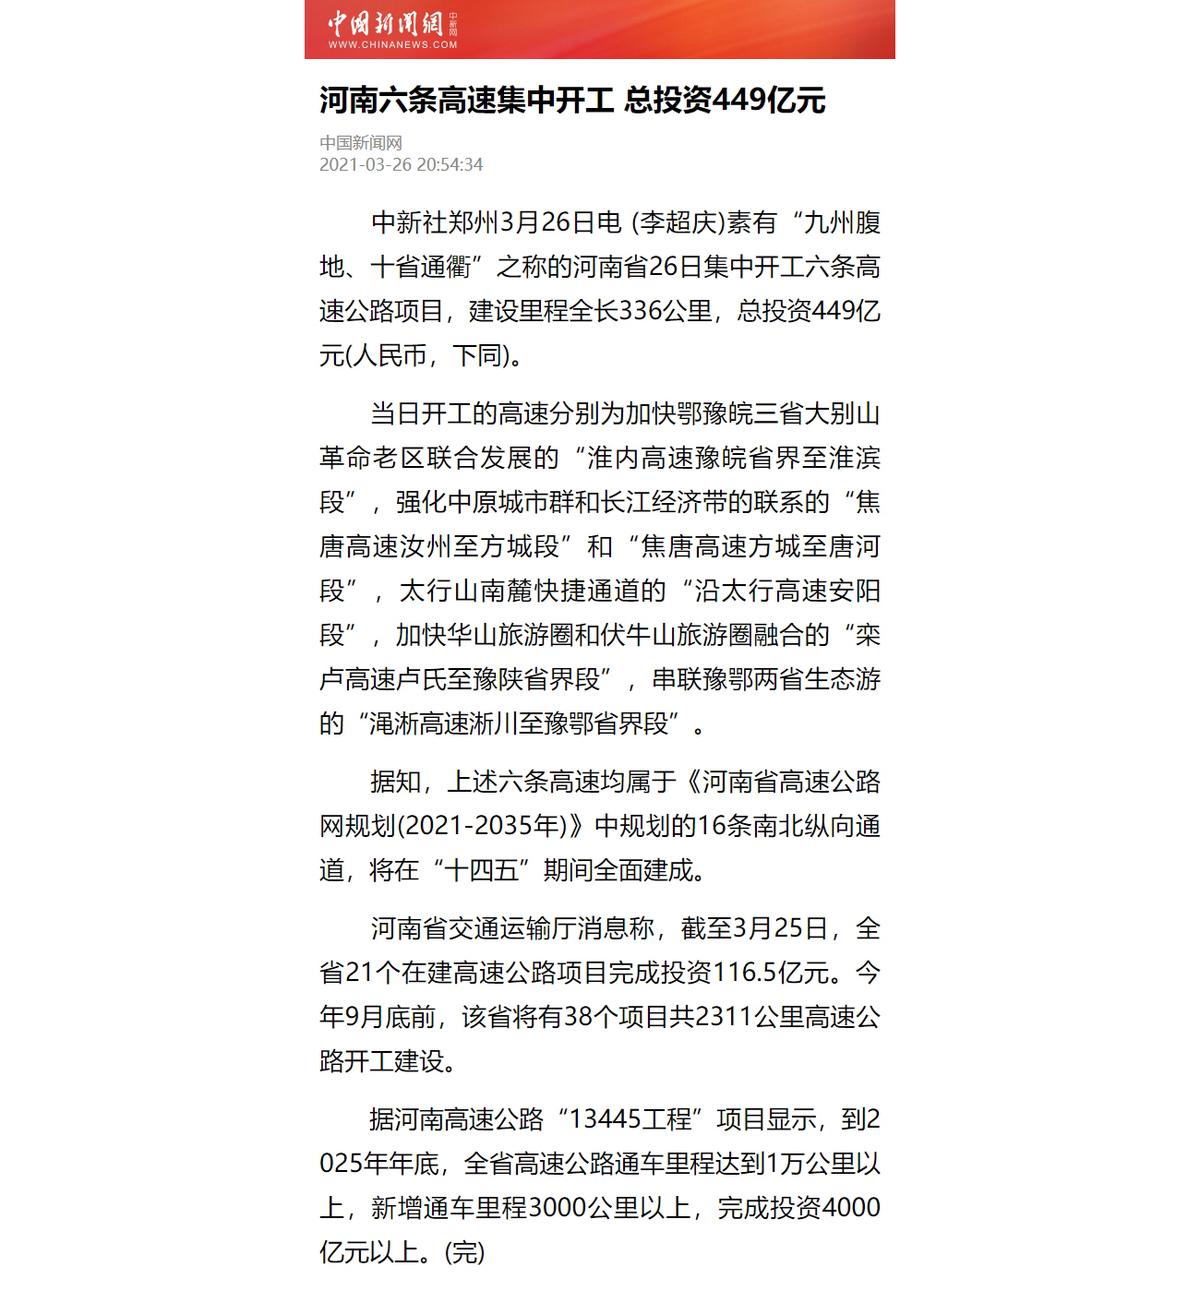 河南六条高速集中开工 总投资449亿元